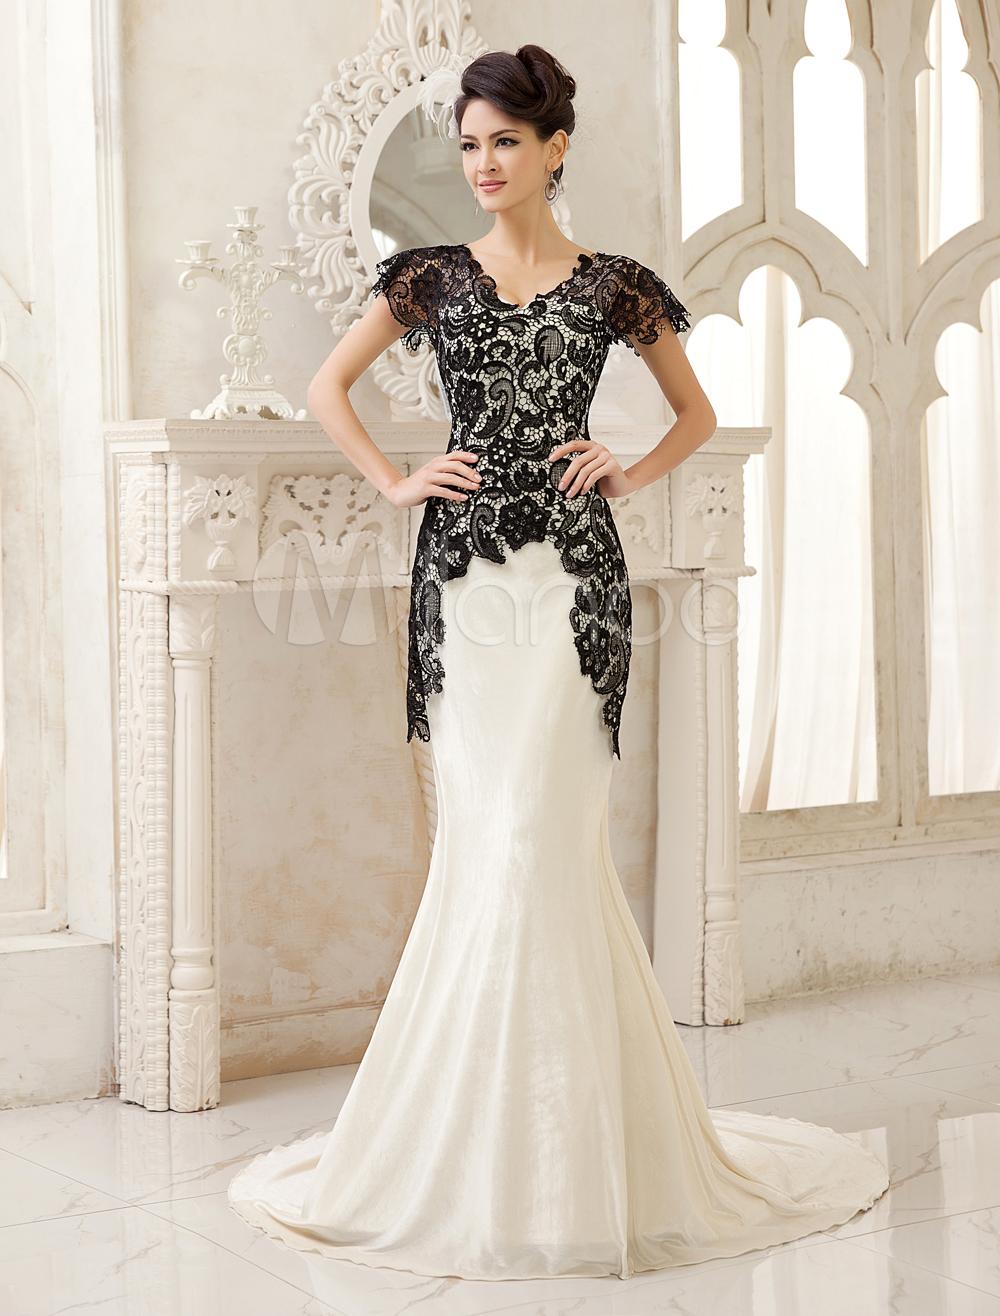 05a5ba17 03b0 40b9 b0d9 c85b1b280c84 jpg for Velvet and lace wedding dresses